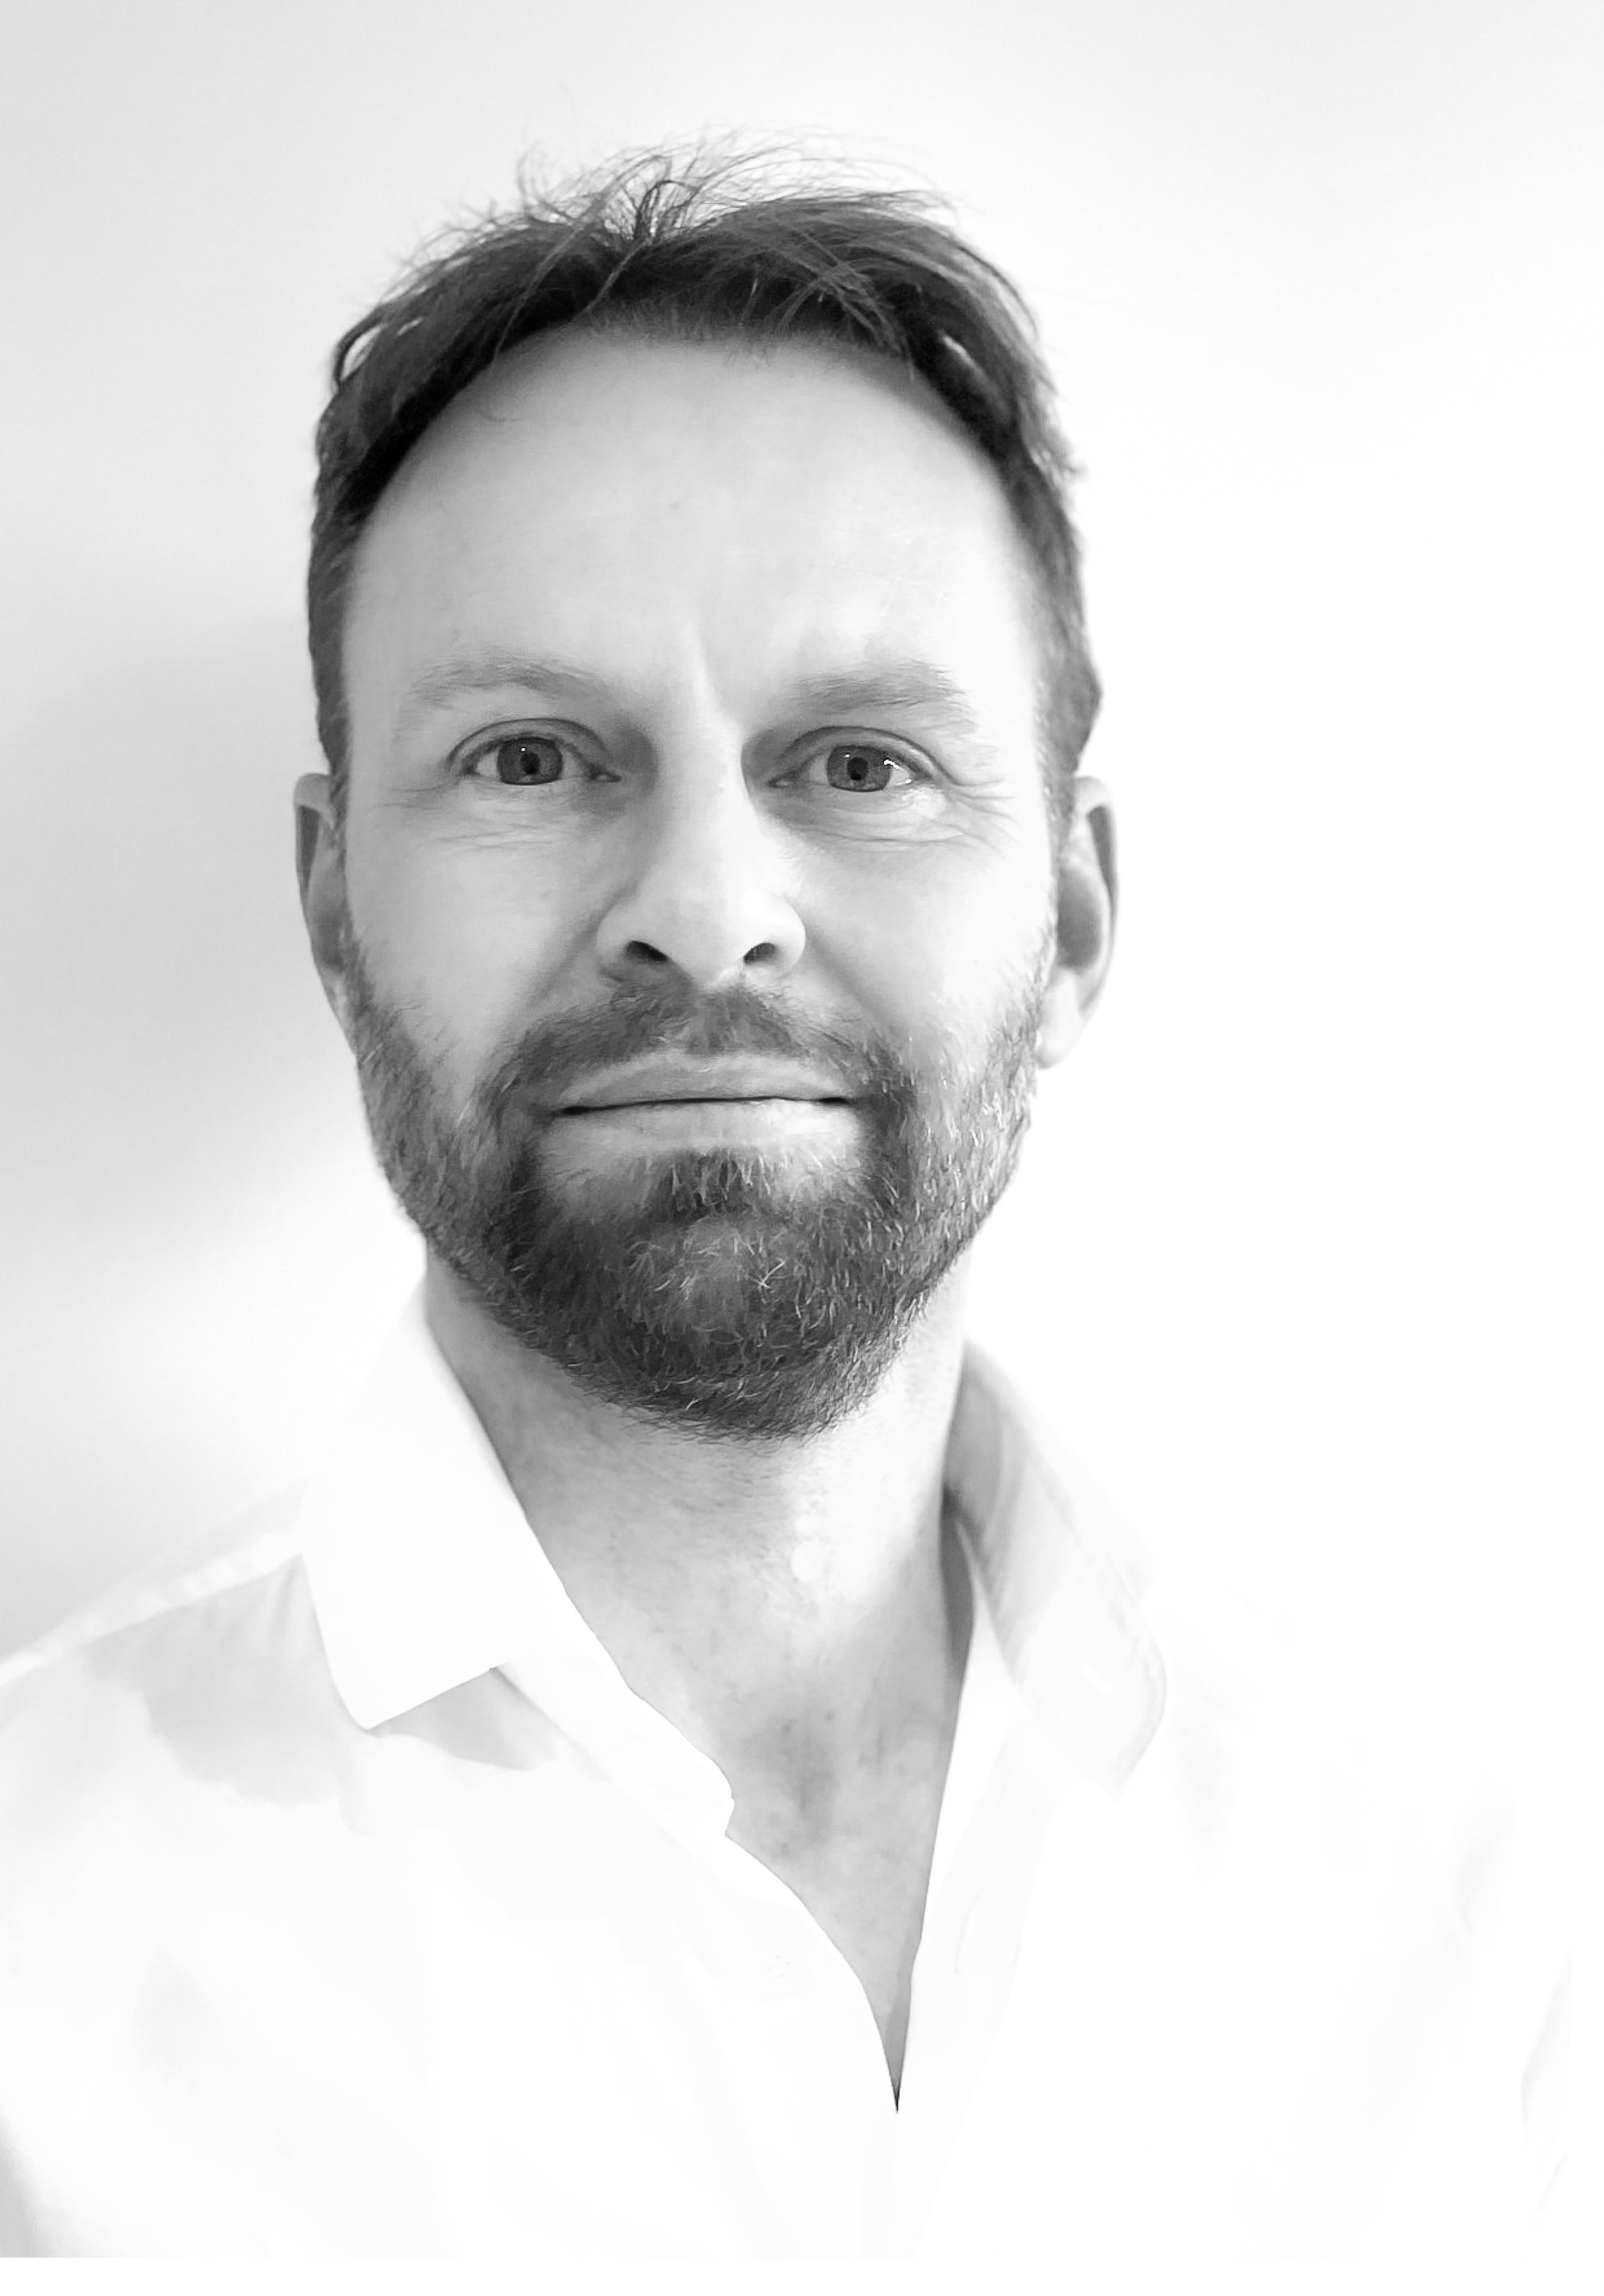 Sander Beekmans